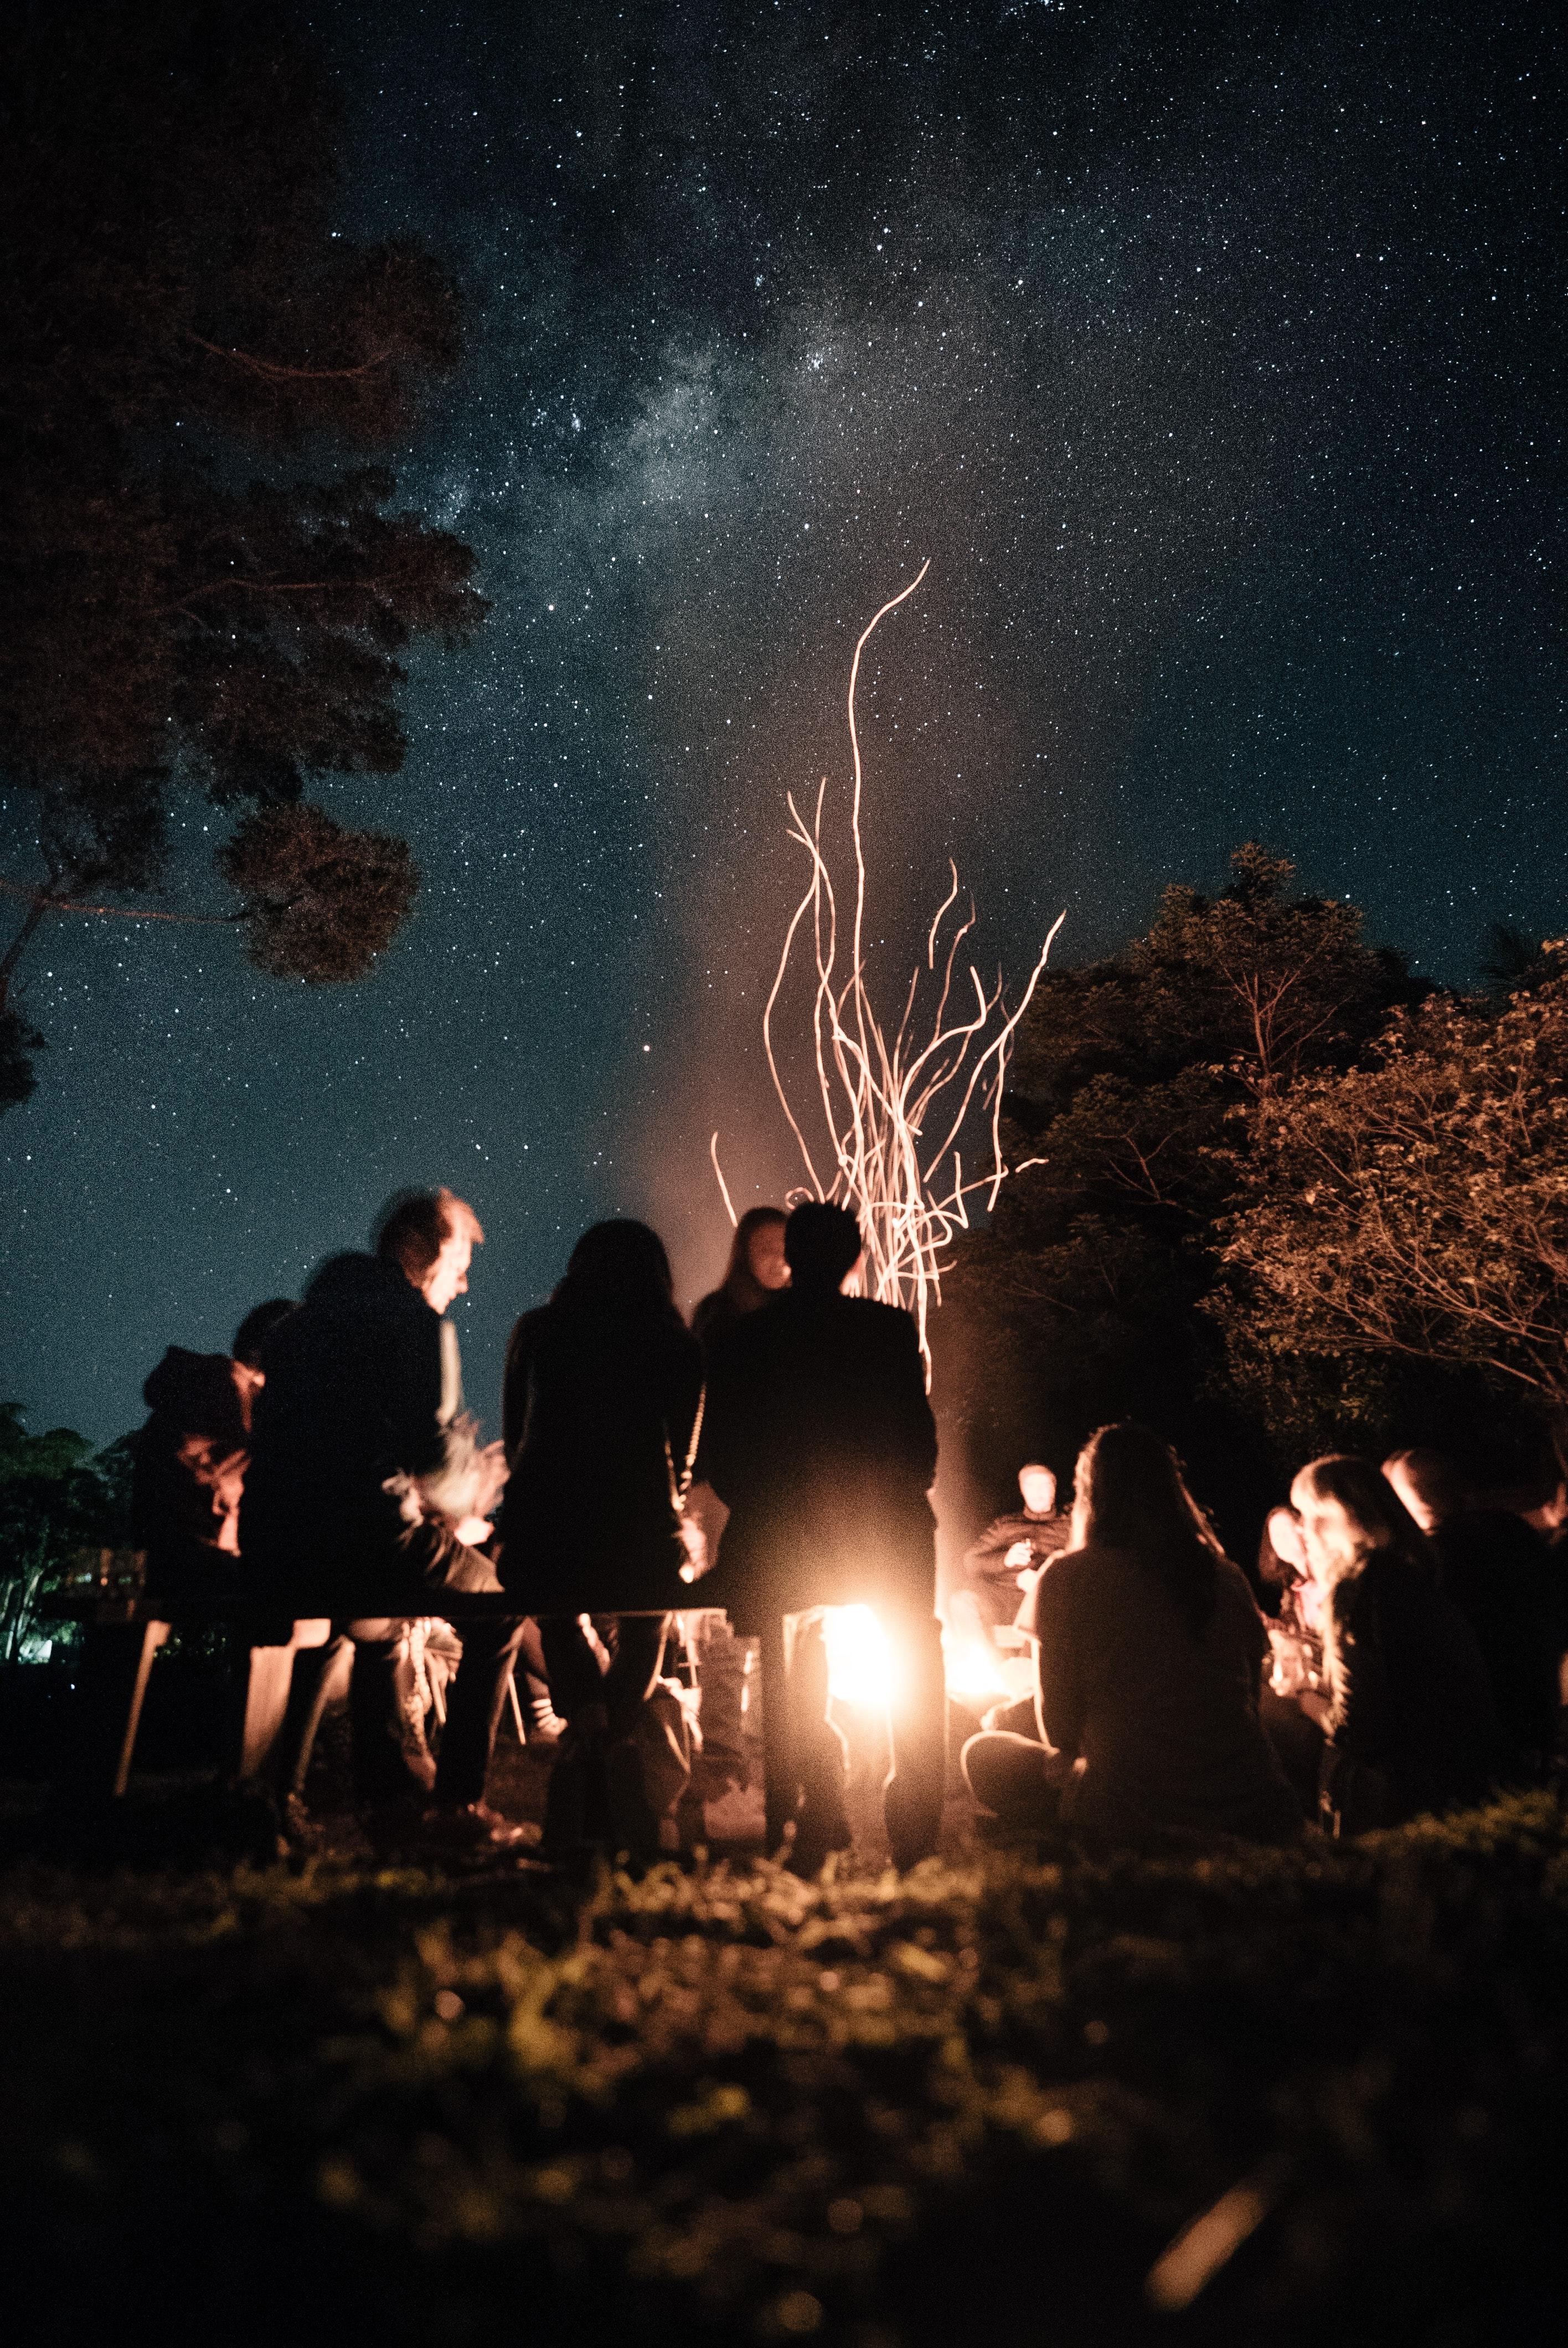 Menschen sitzen zusammen am Lagerfeuer